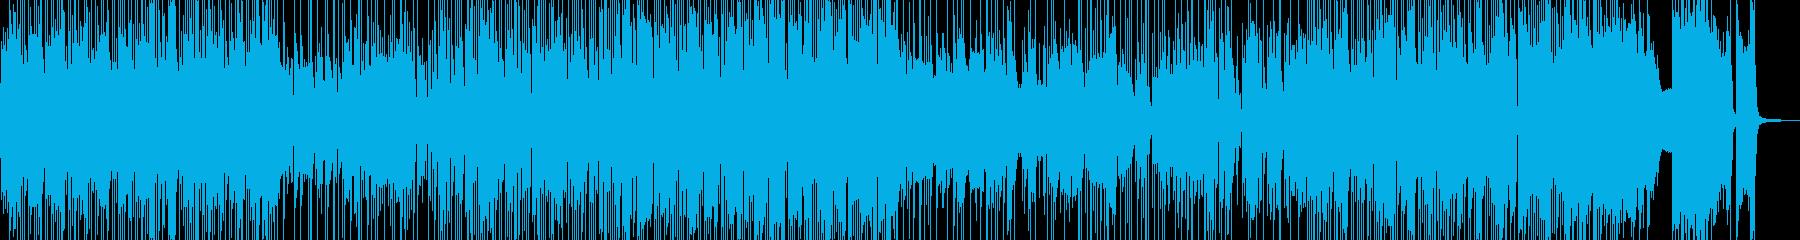 気ままドライブ・まったりしたジャズ 短尺の再生済みの波形